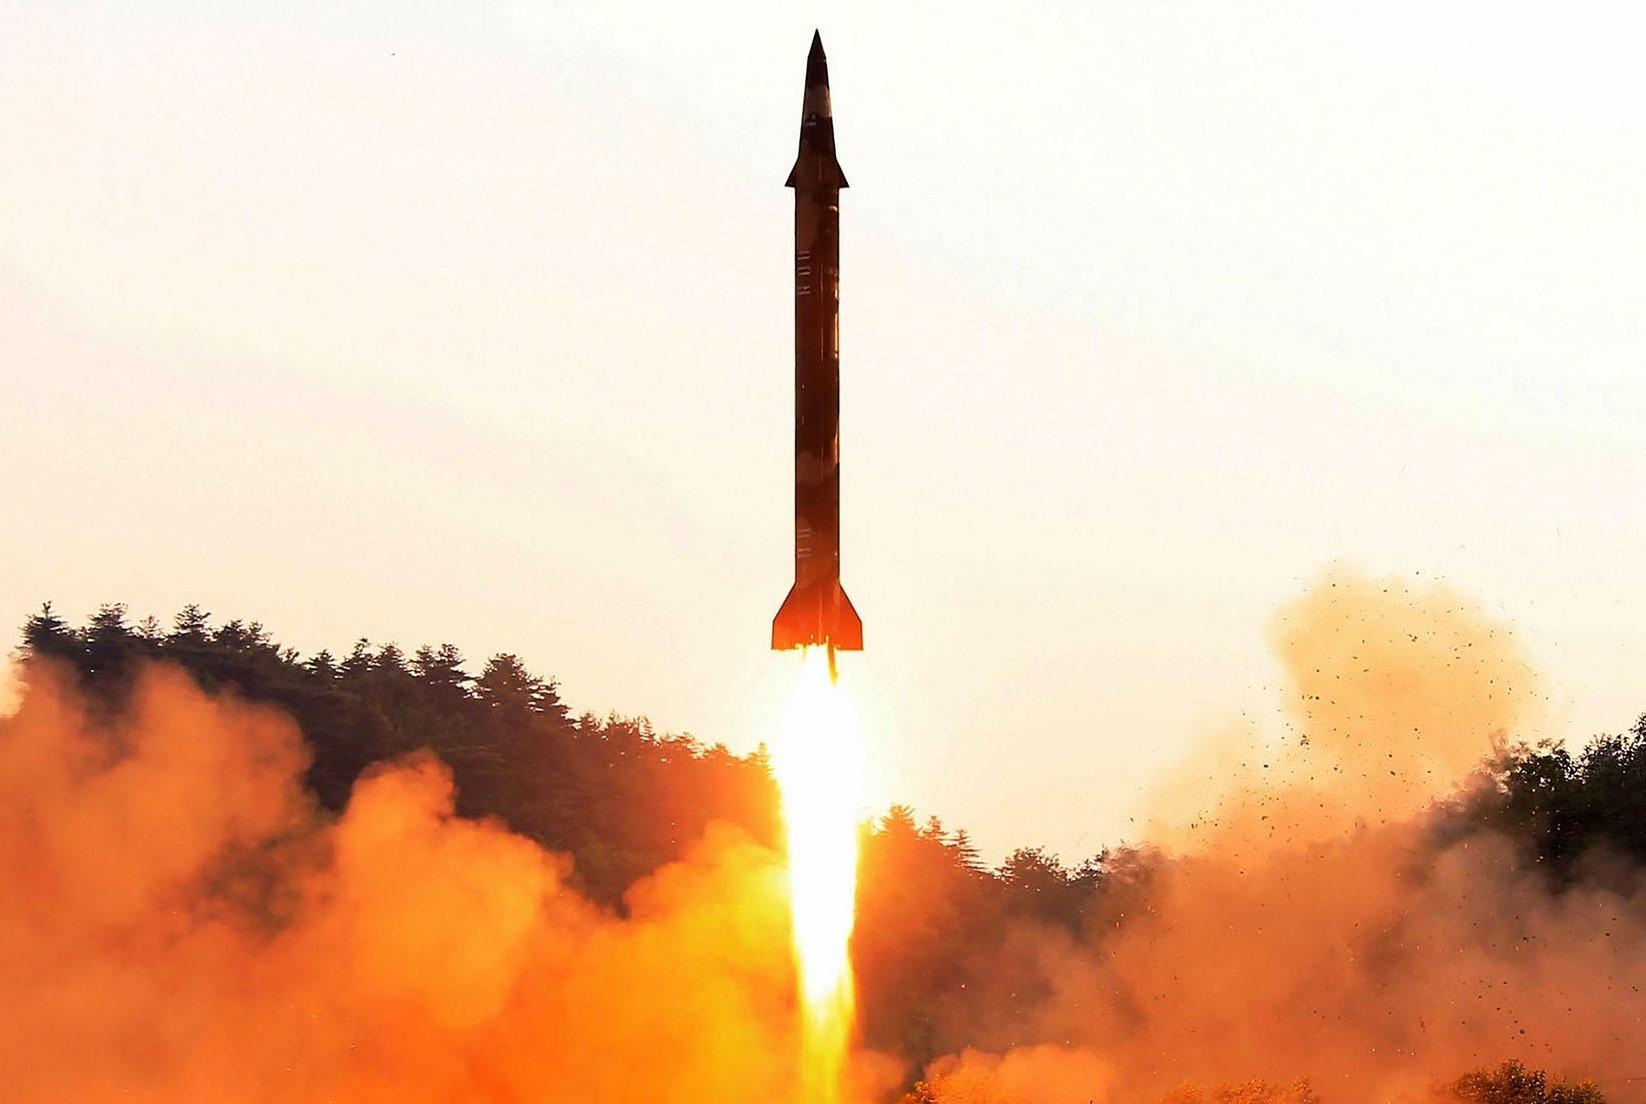 تحقیق تاریخچه پیدایش و ساخت موشک